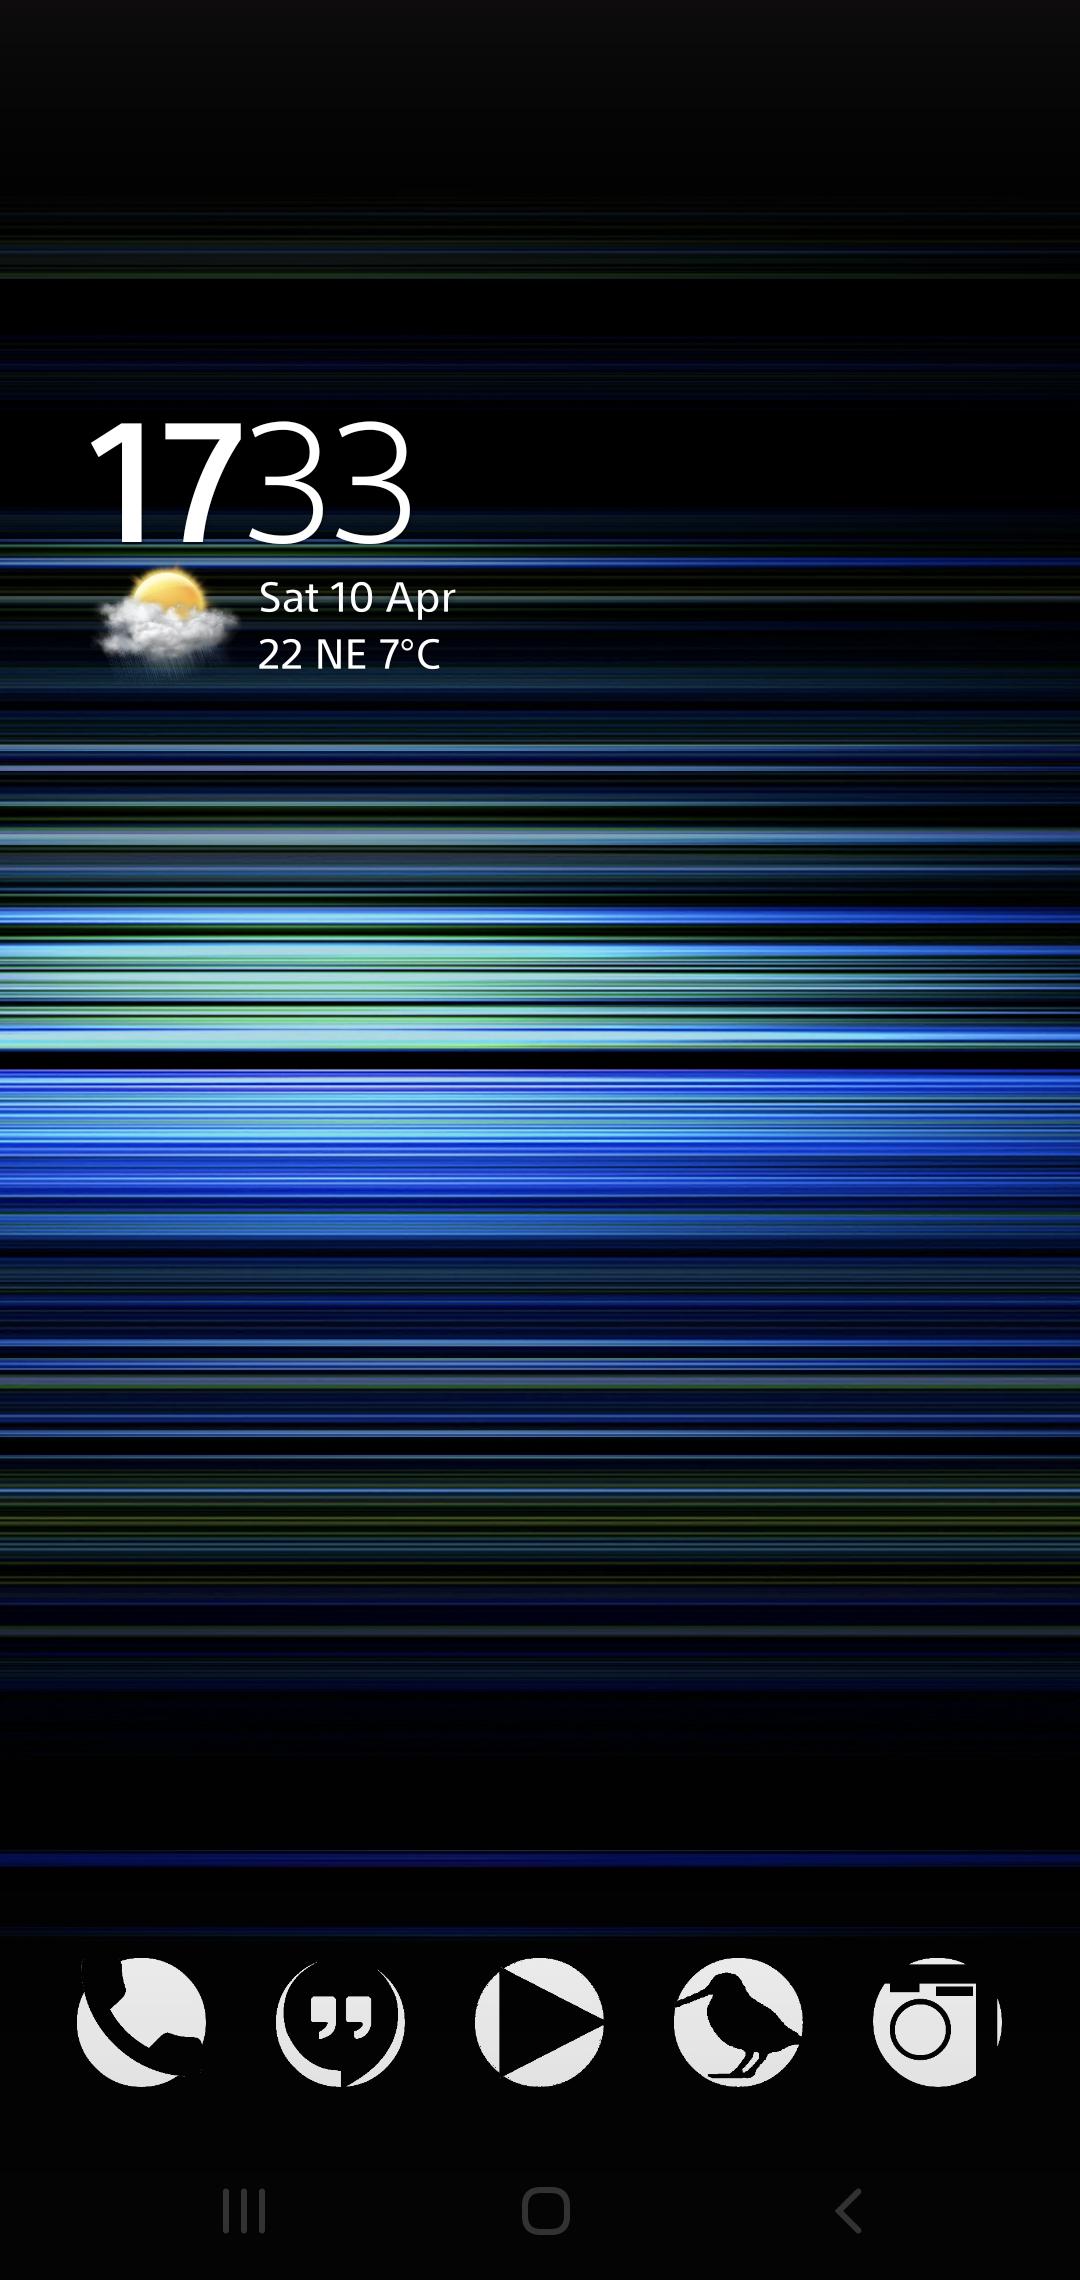 Screenshot_20210410-173303_Nova7.jpg